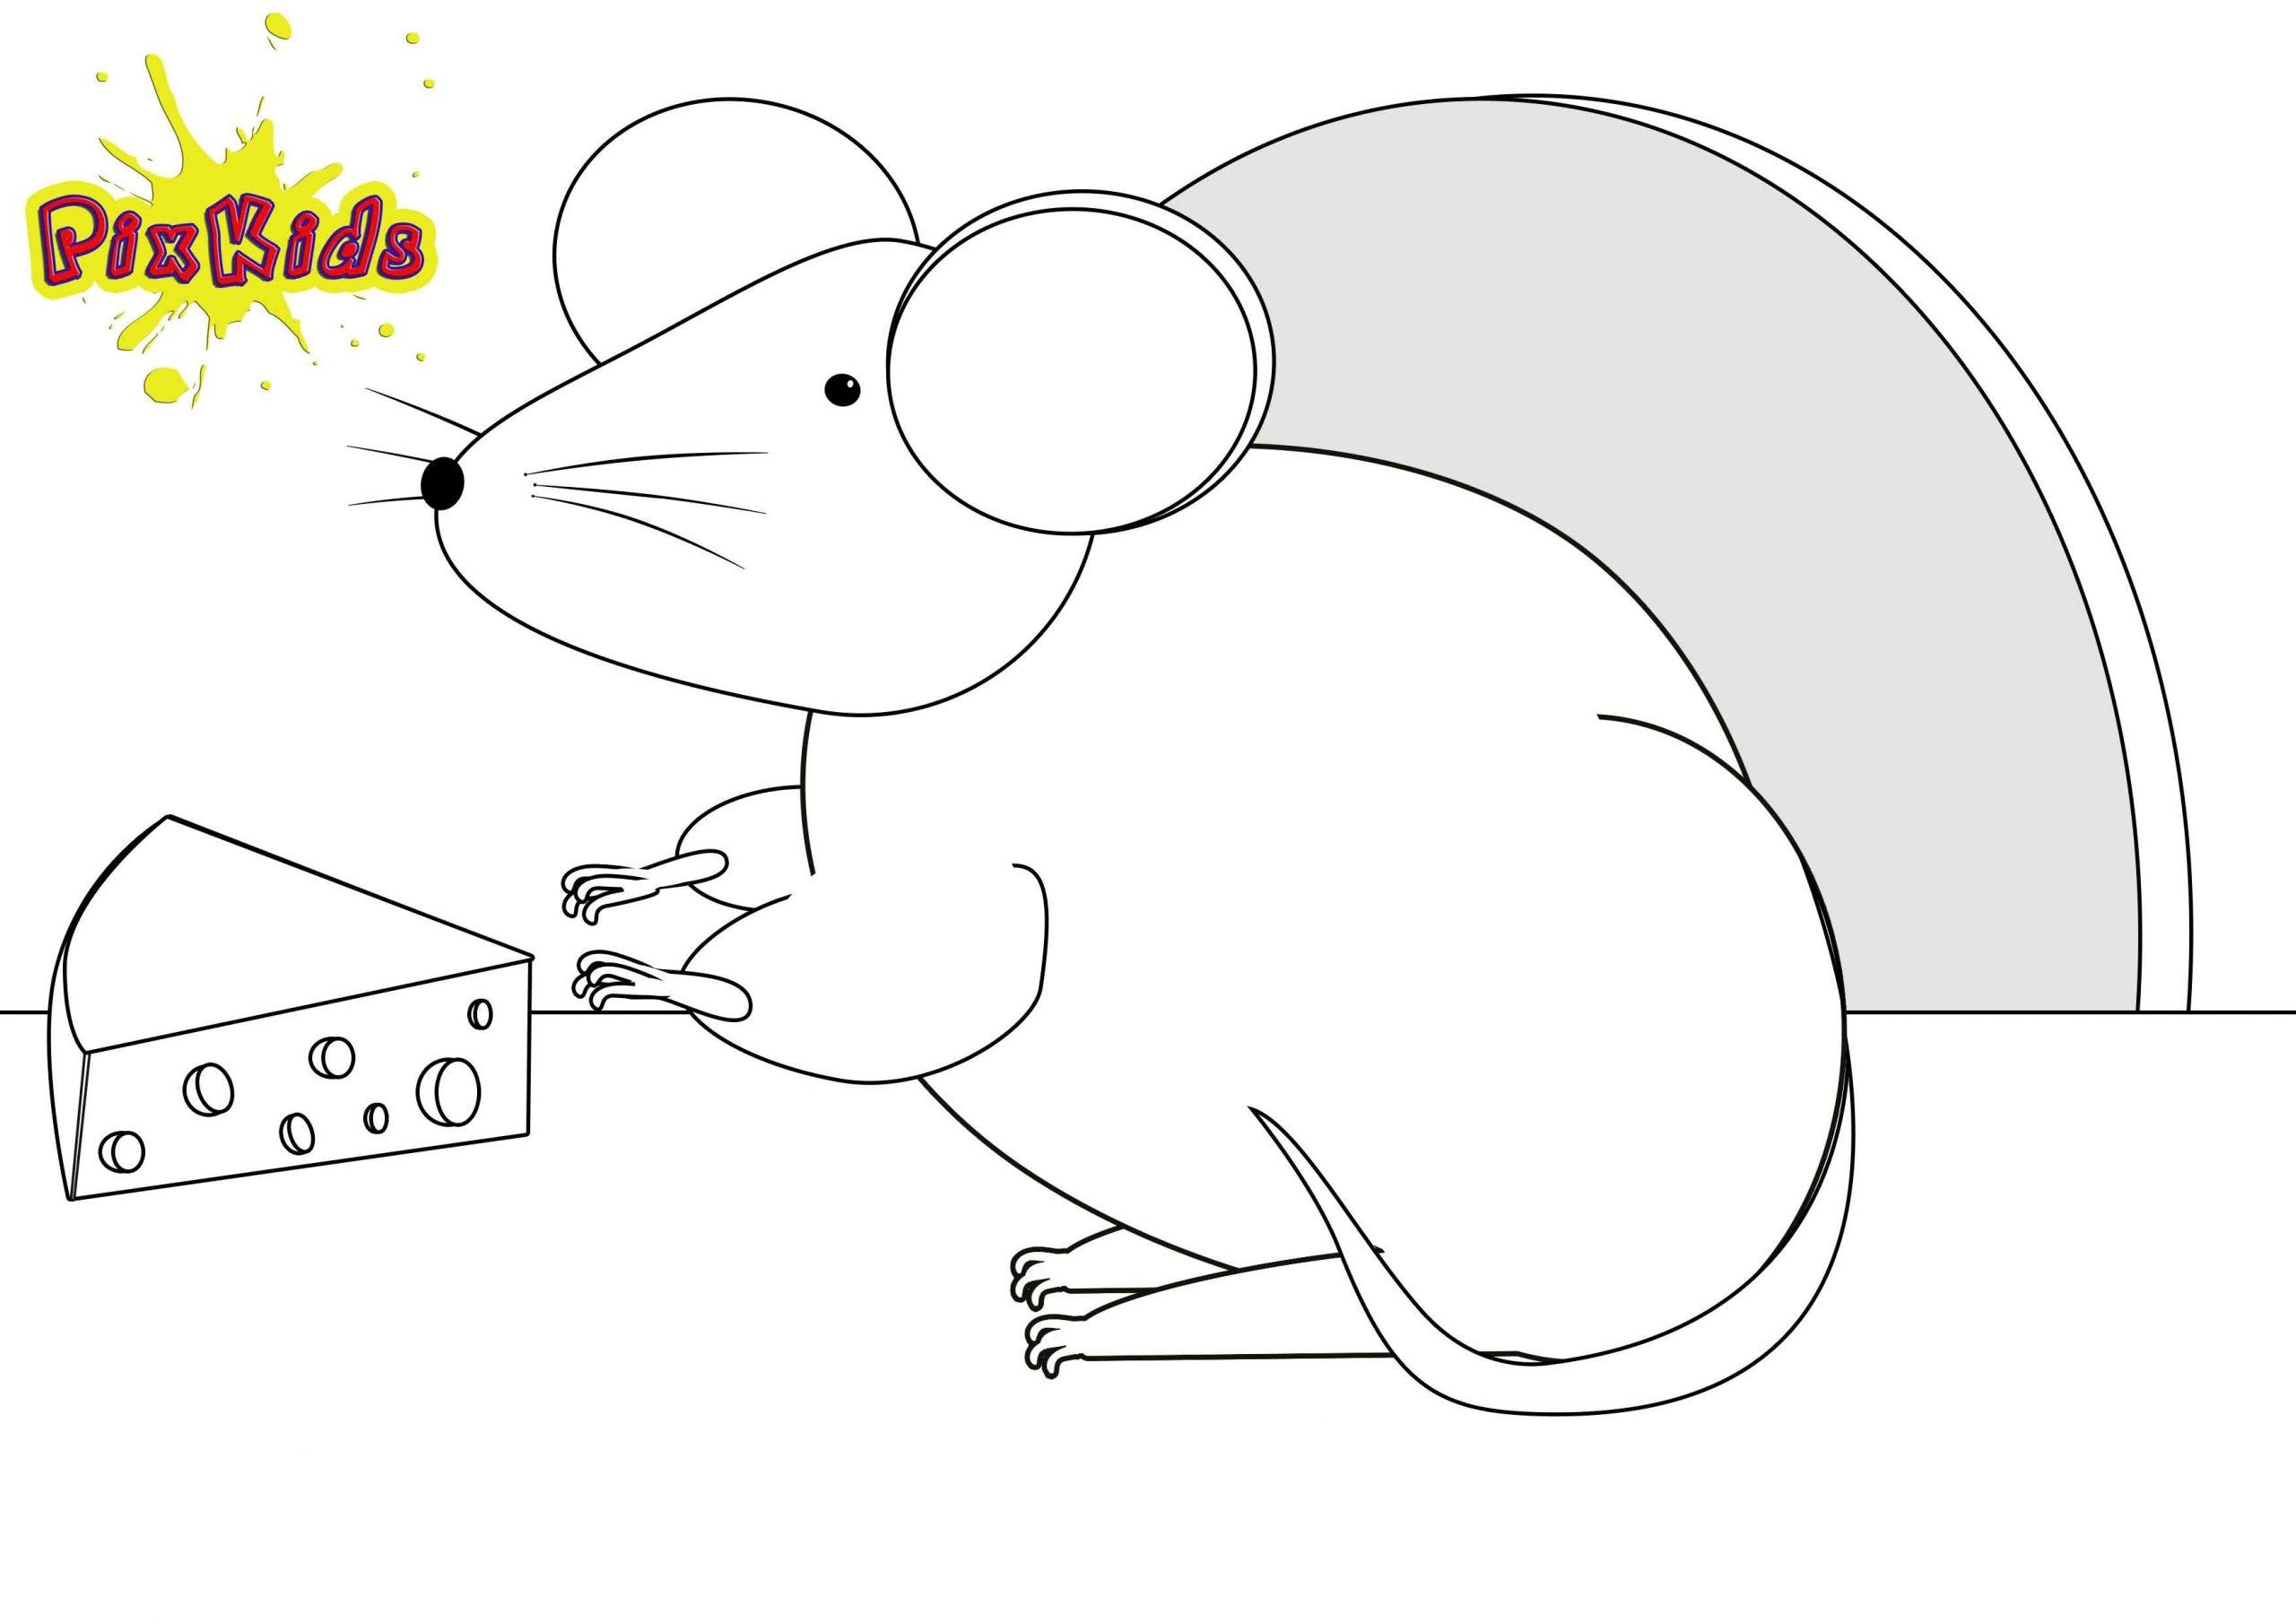 Ausmalbild Maus - Kostenlose Malvorlagen ganzes Ausmalbilder Die Maus